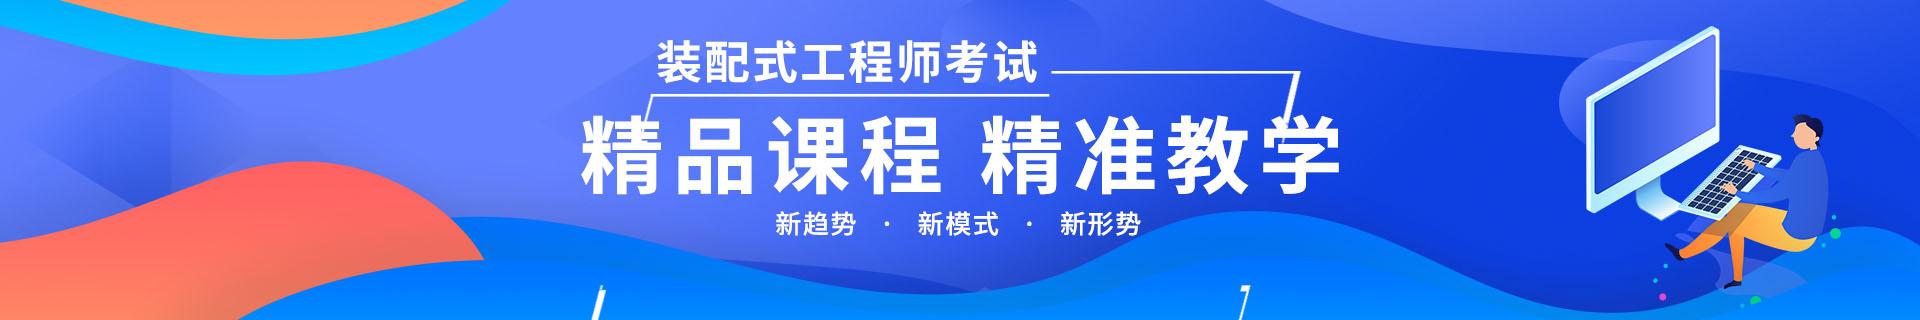 上海虹口区学天教育机构